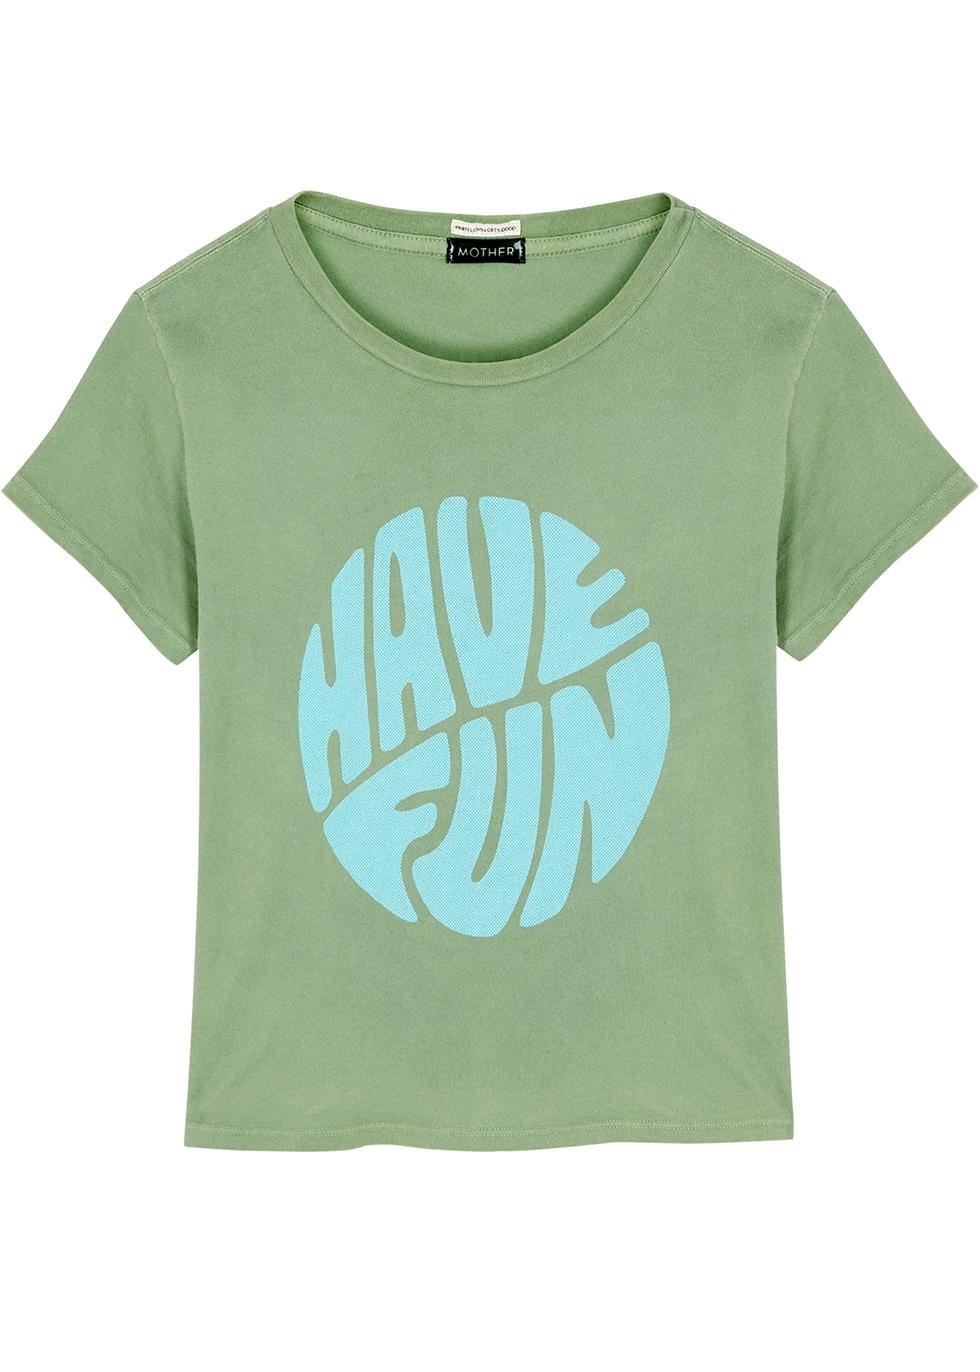 c052f2a4 Women's Designer T-Shirts - Cotton, Linen & Striped - Harvey Nichols